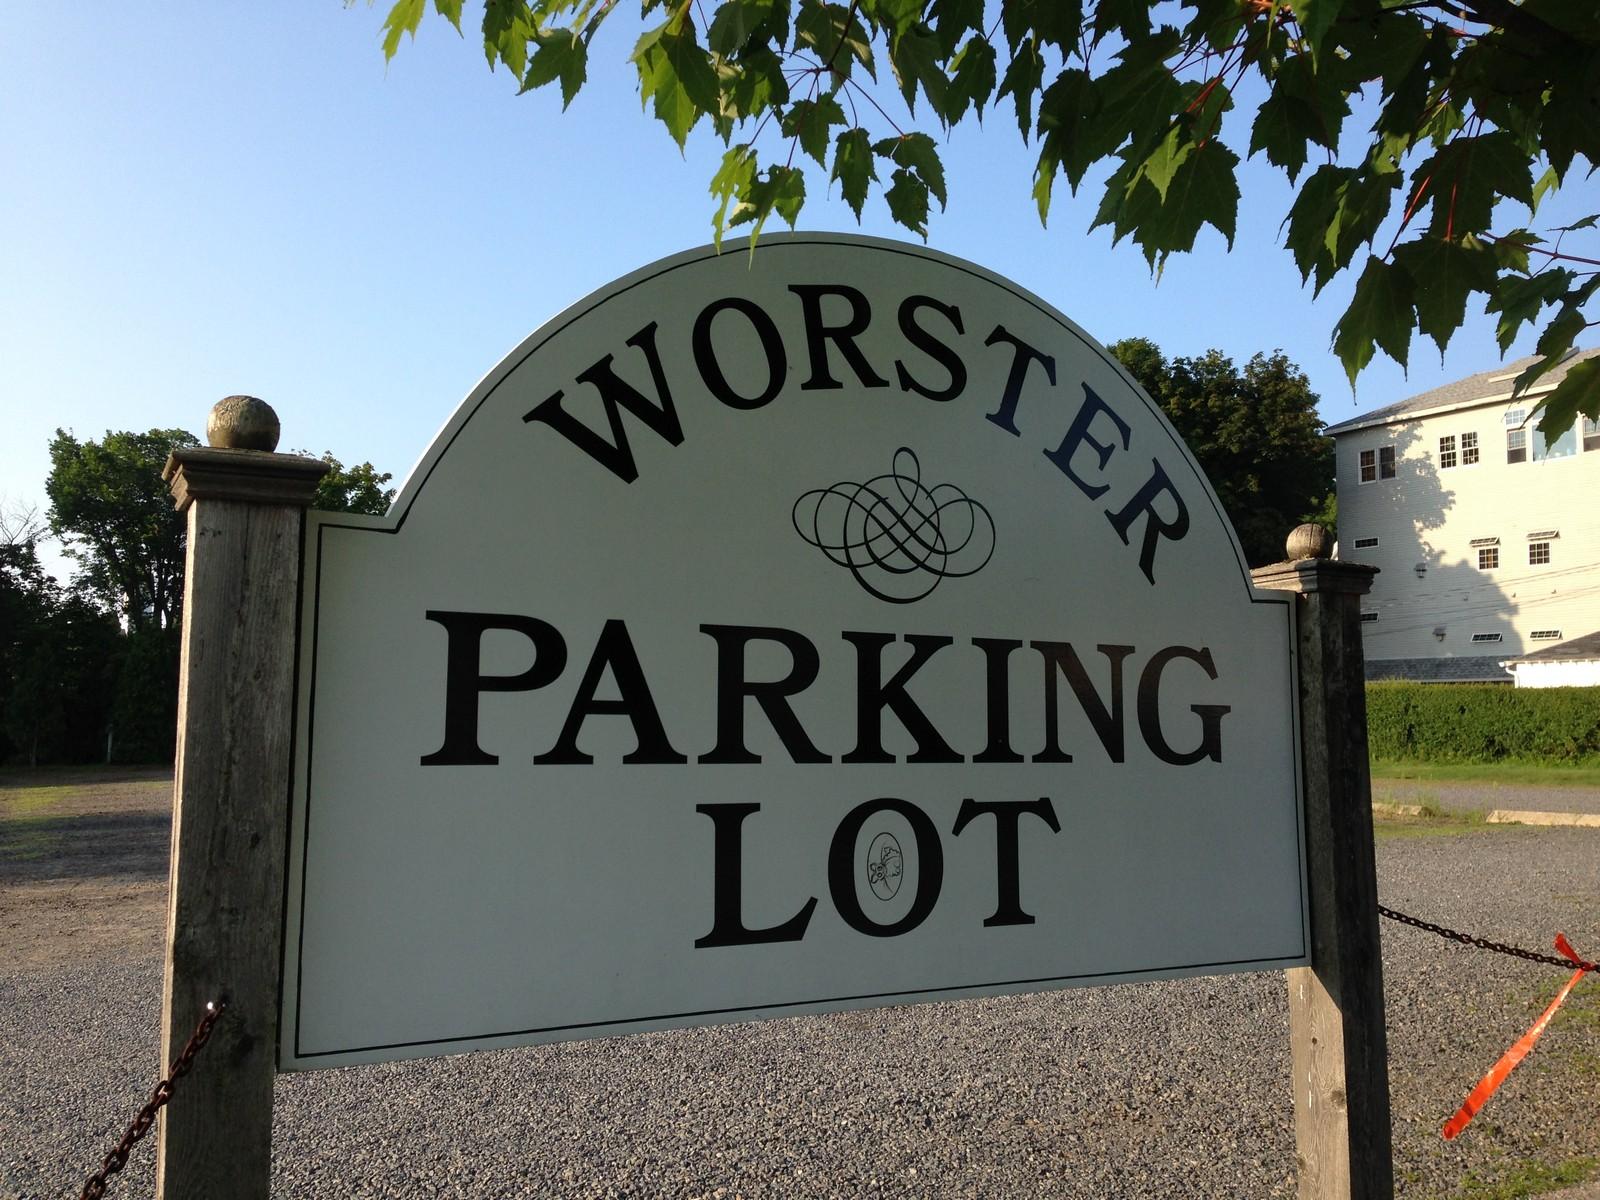 地產 為 出售 在 Worcester Parking Lot 28 Beach Street Ogunquit, 緬因州 03907 美國